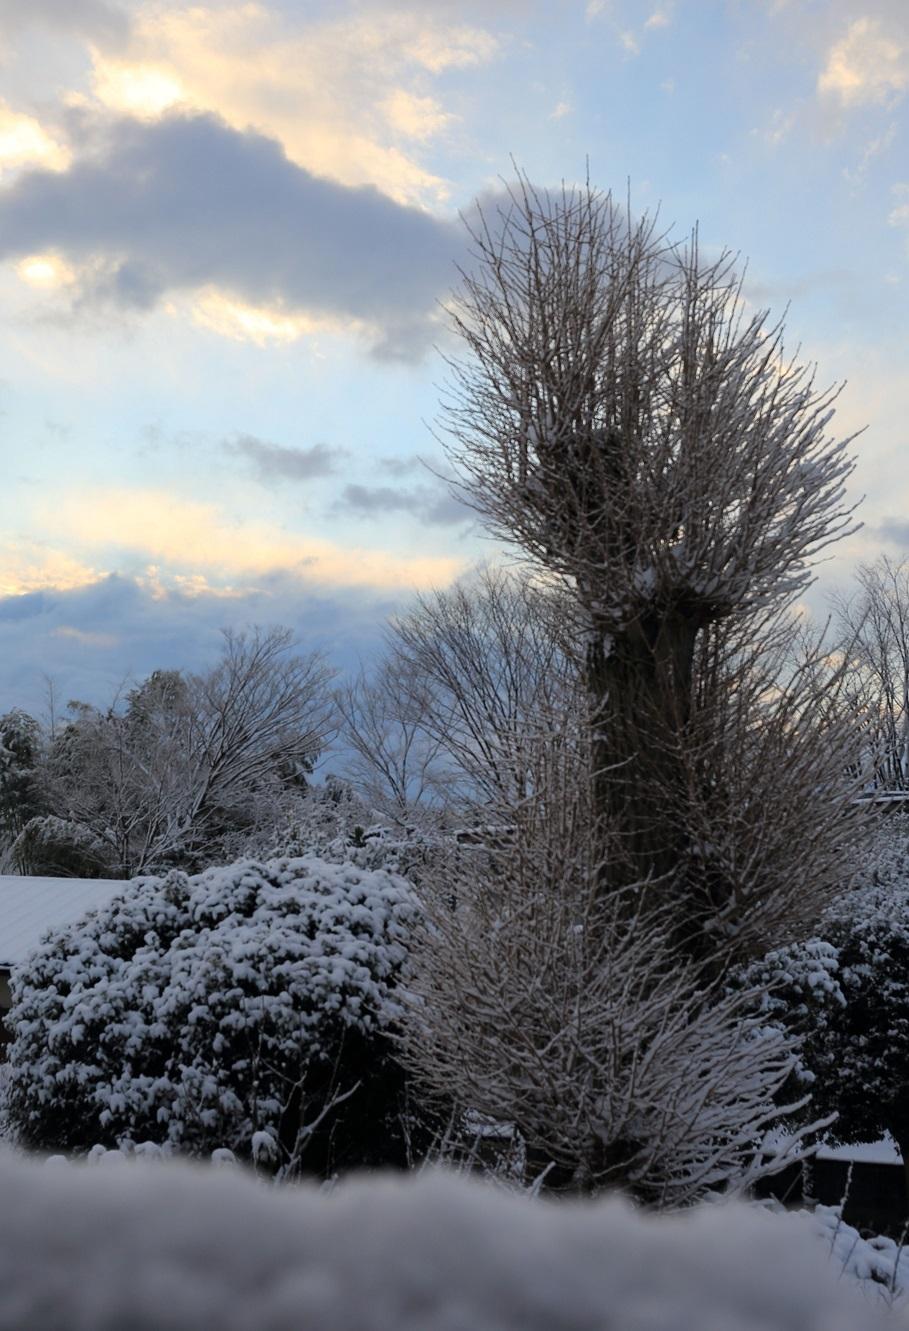 2017 2 10 イチョウの冠雪 ブログ用.jpg